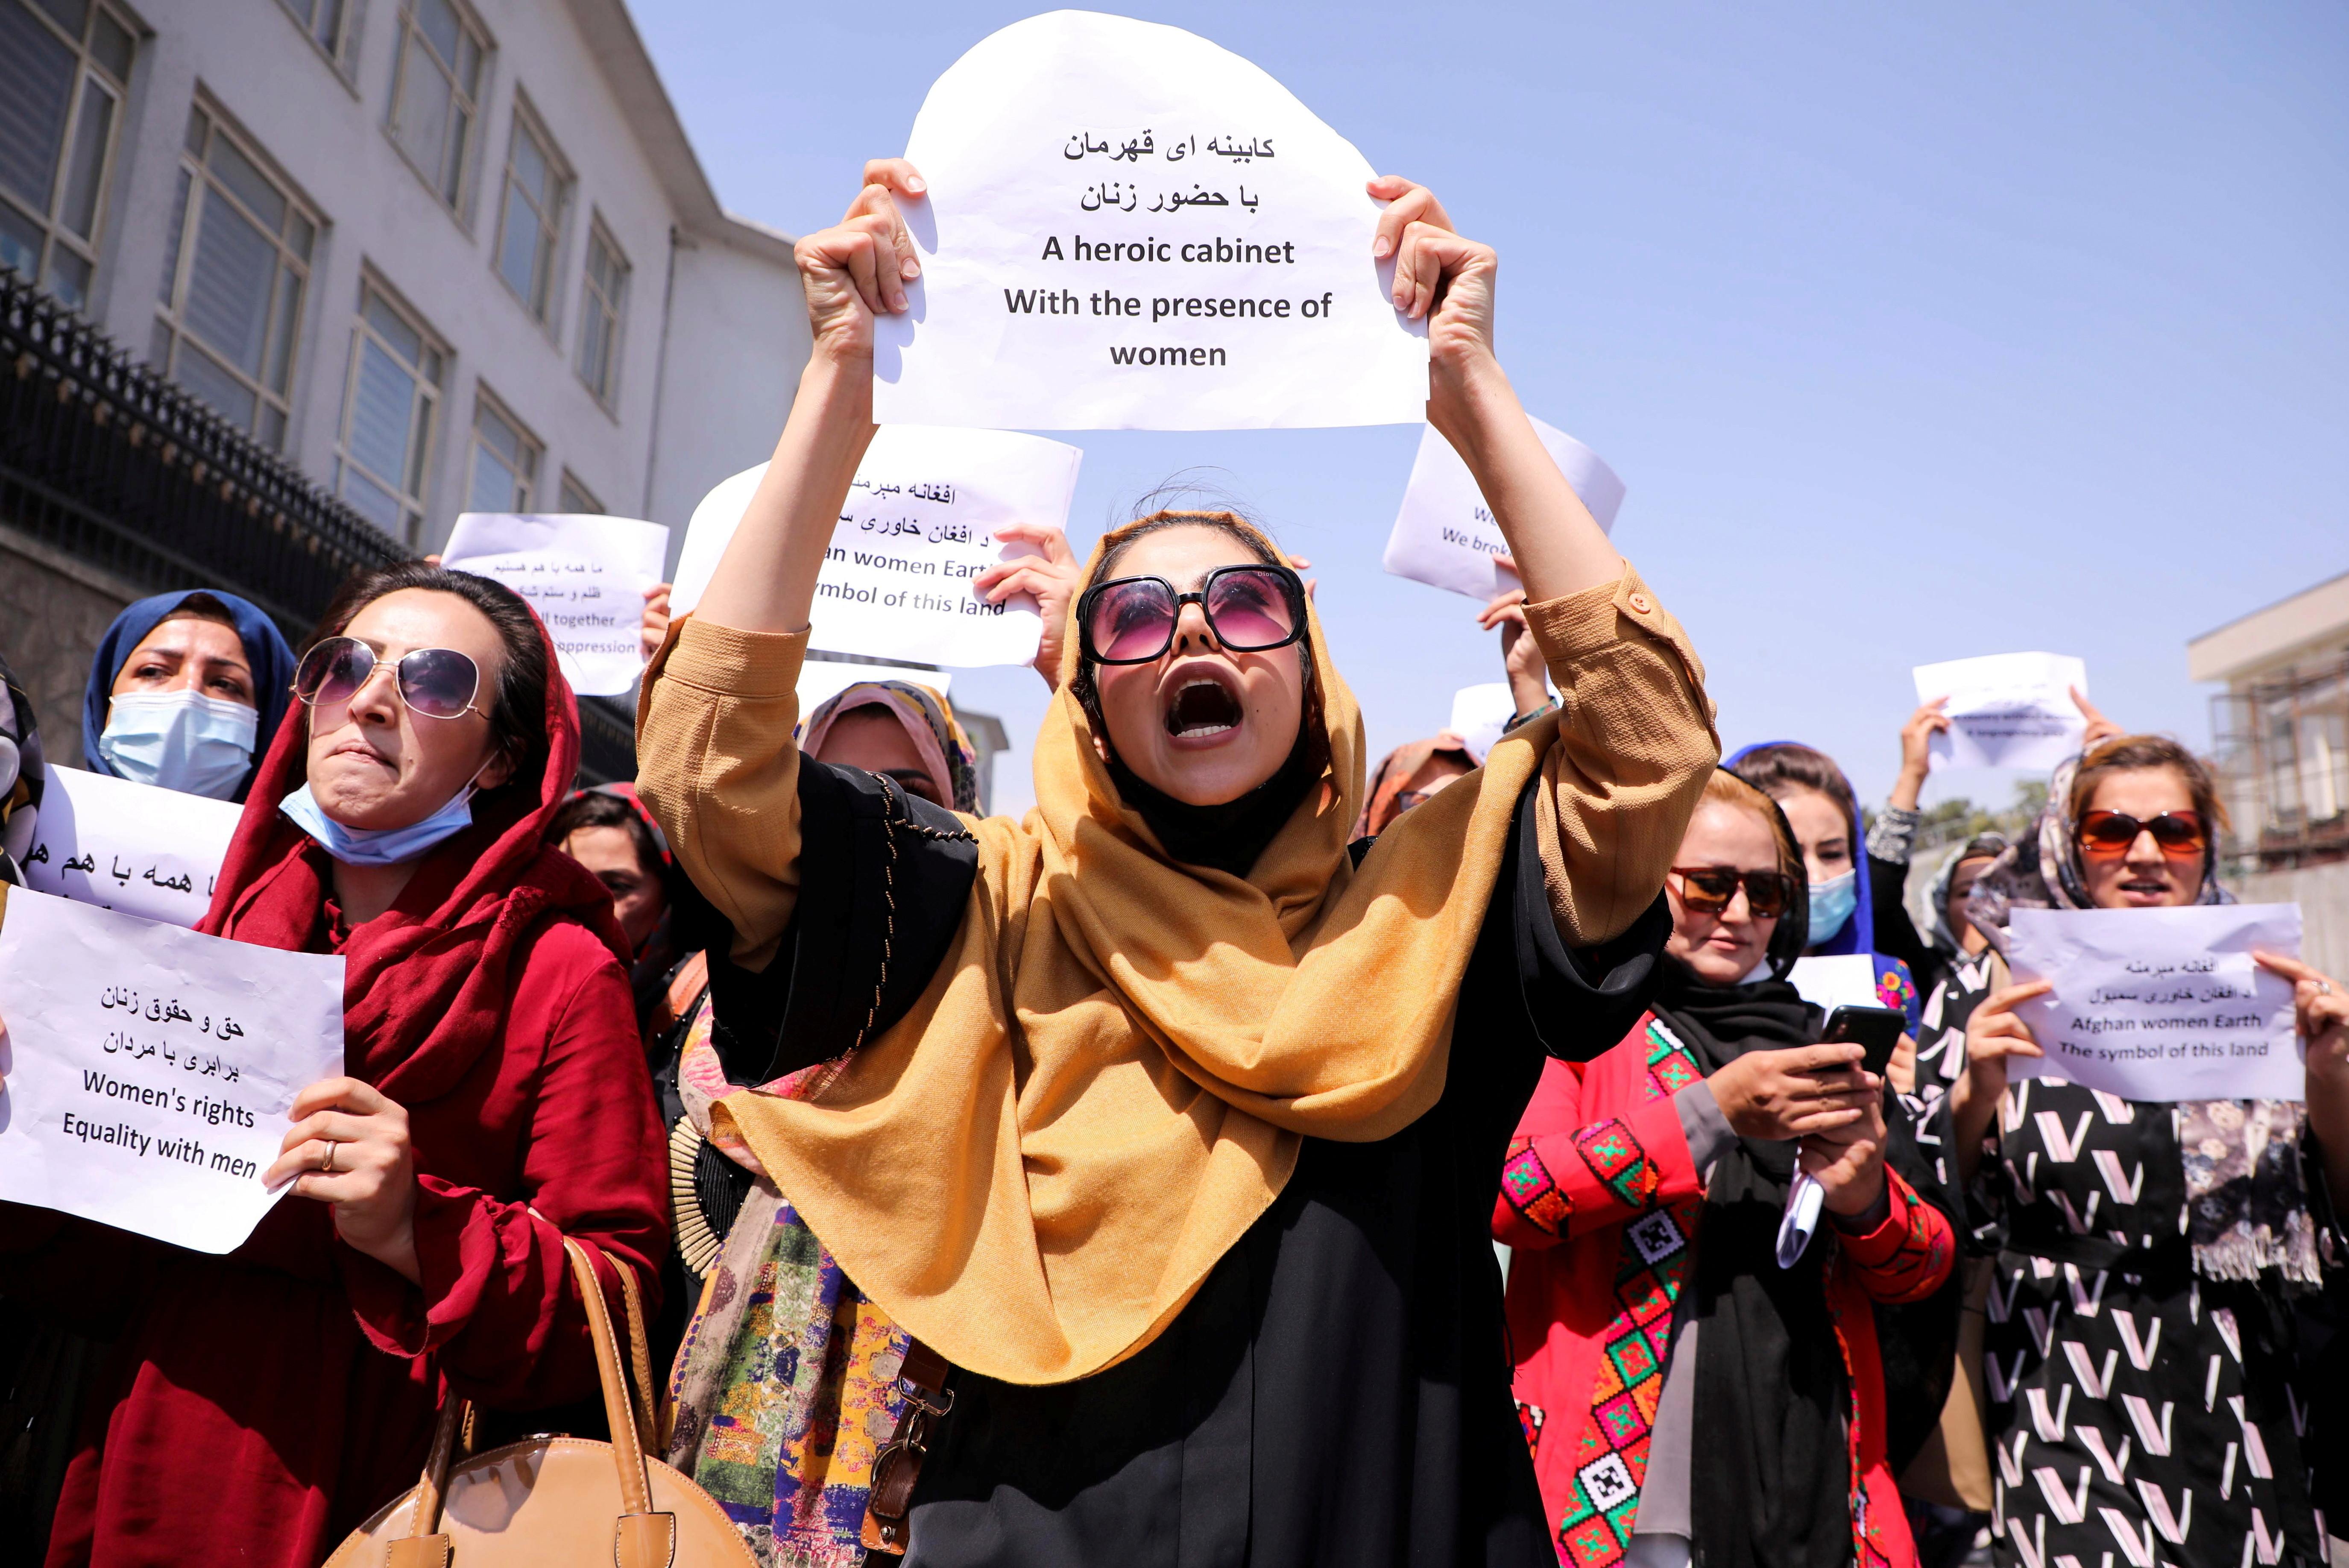 阿富汗,女性,女權,人權,宗教,共產,蘇聯,社會主義